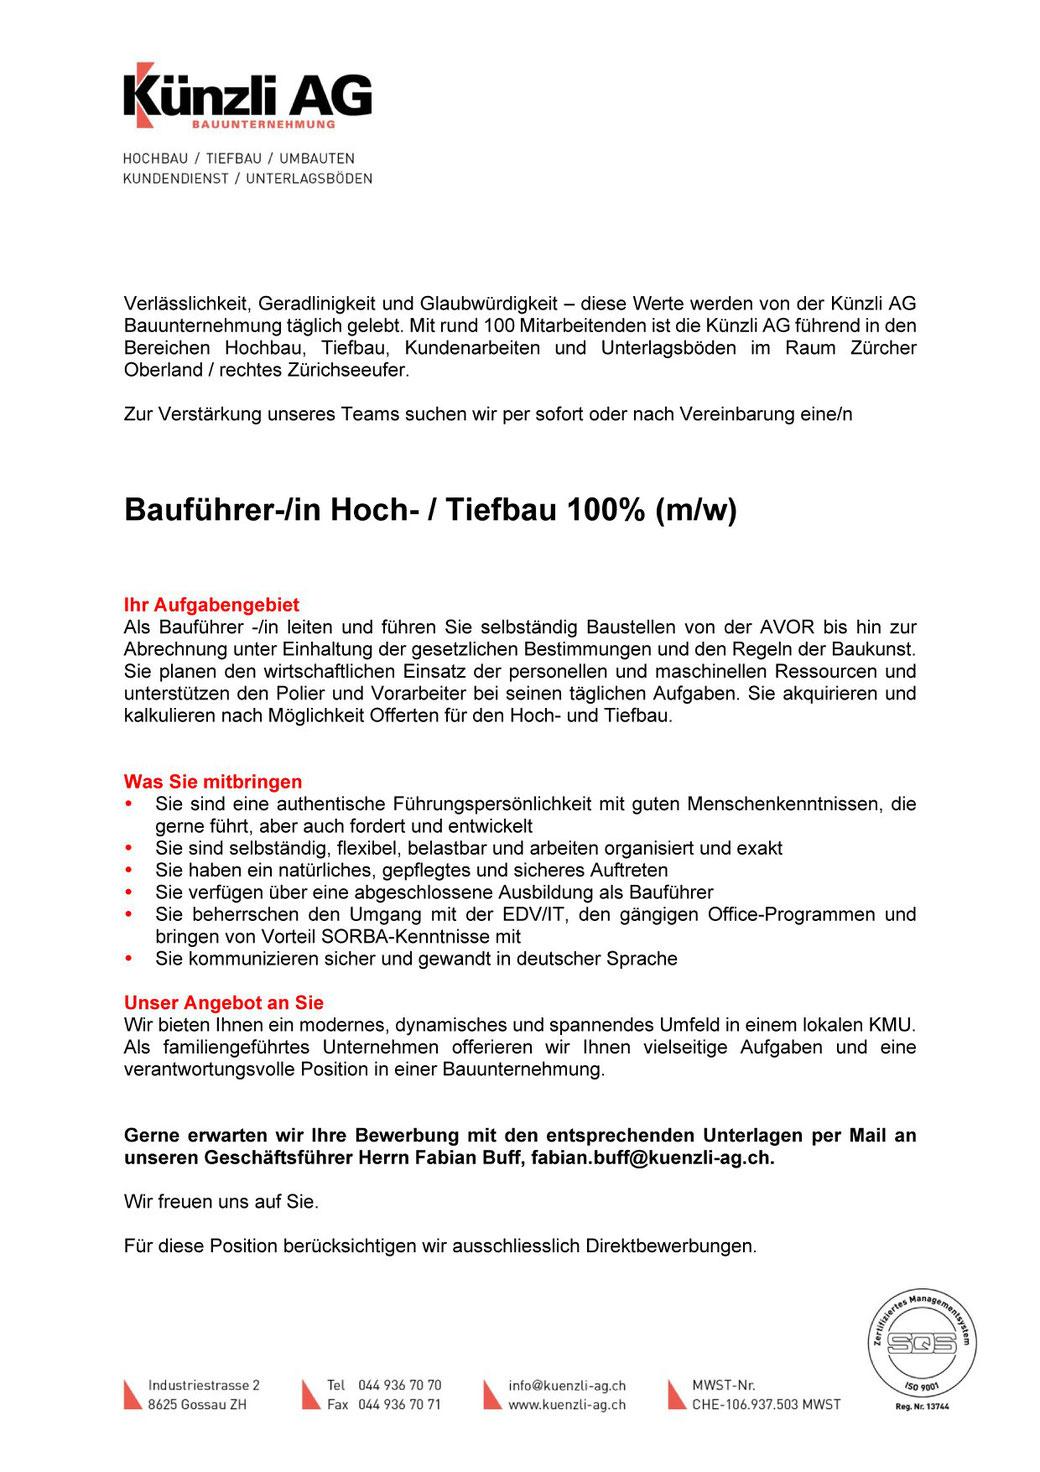 Stellenausschreibung auf der Facebook-Seite der Künzli AG, 25.3.2020